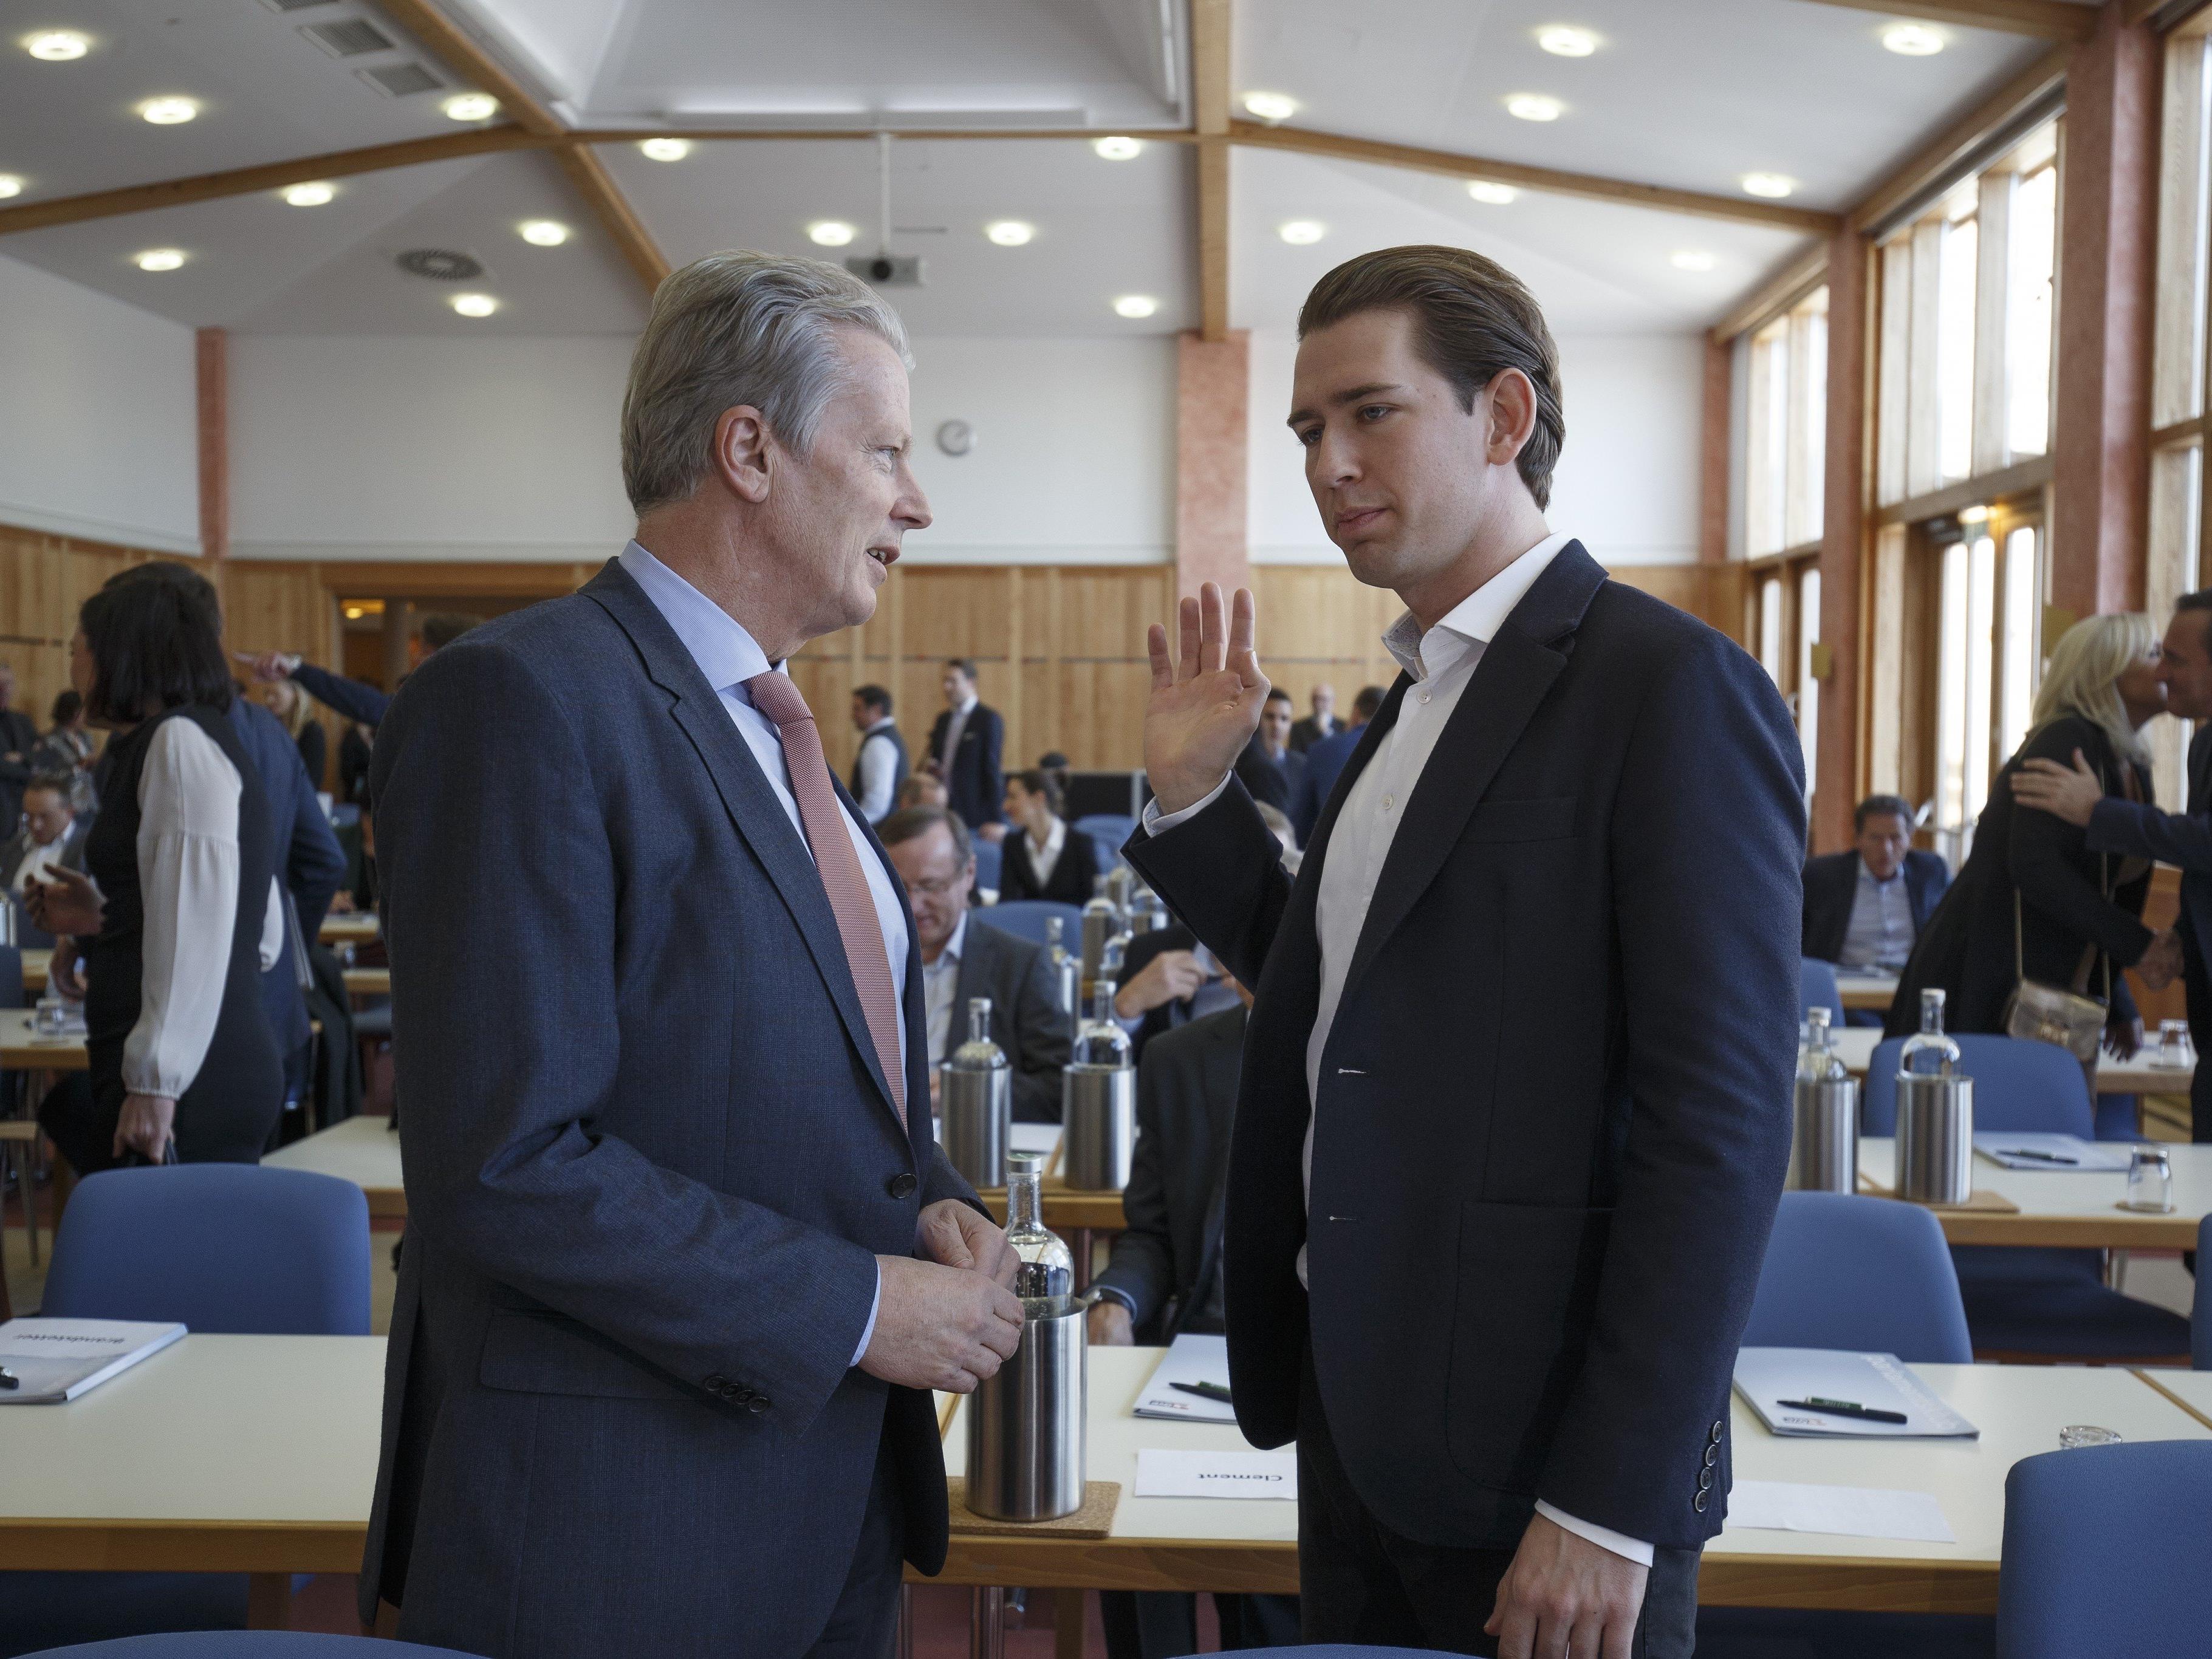 Sebastian Kurz wird als möglicher Nachfolger Reinhold Mitterlehners gehandelt